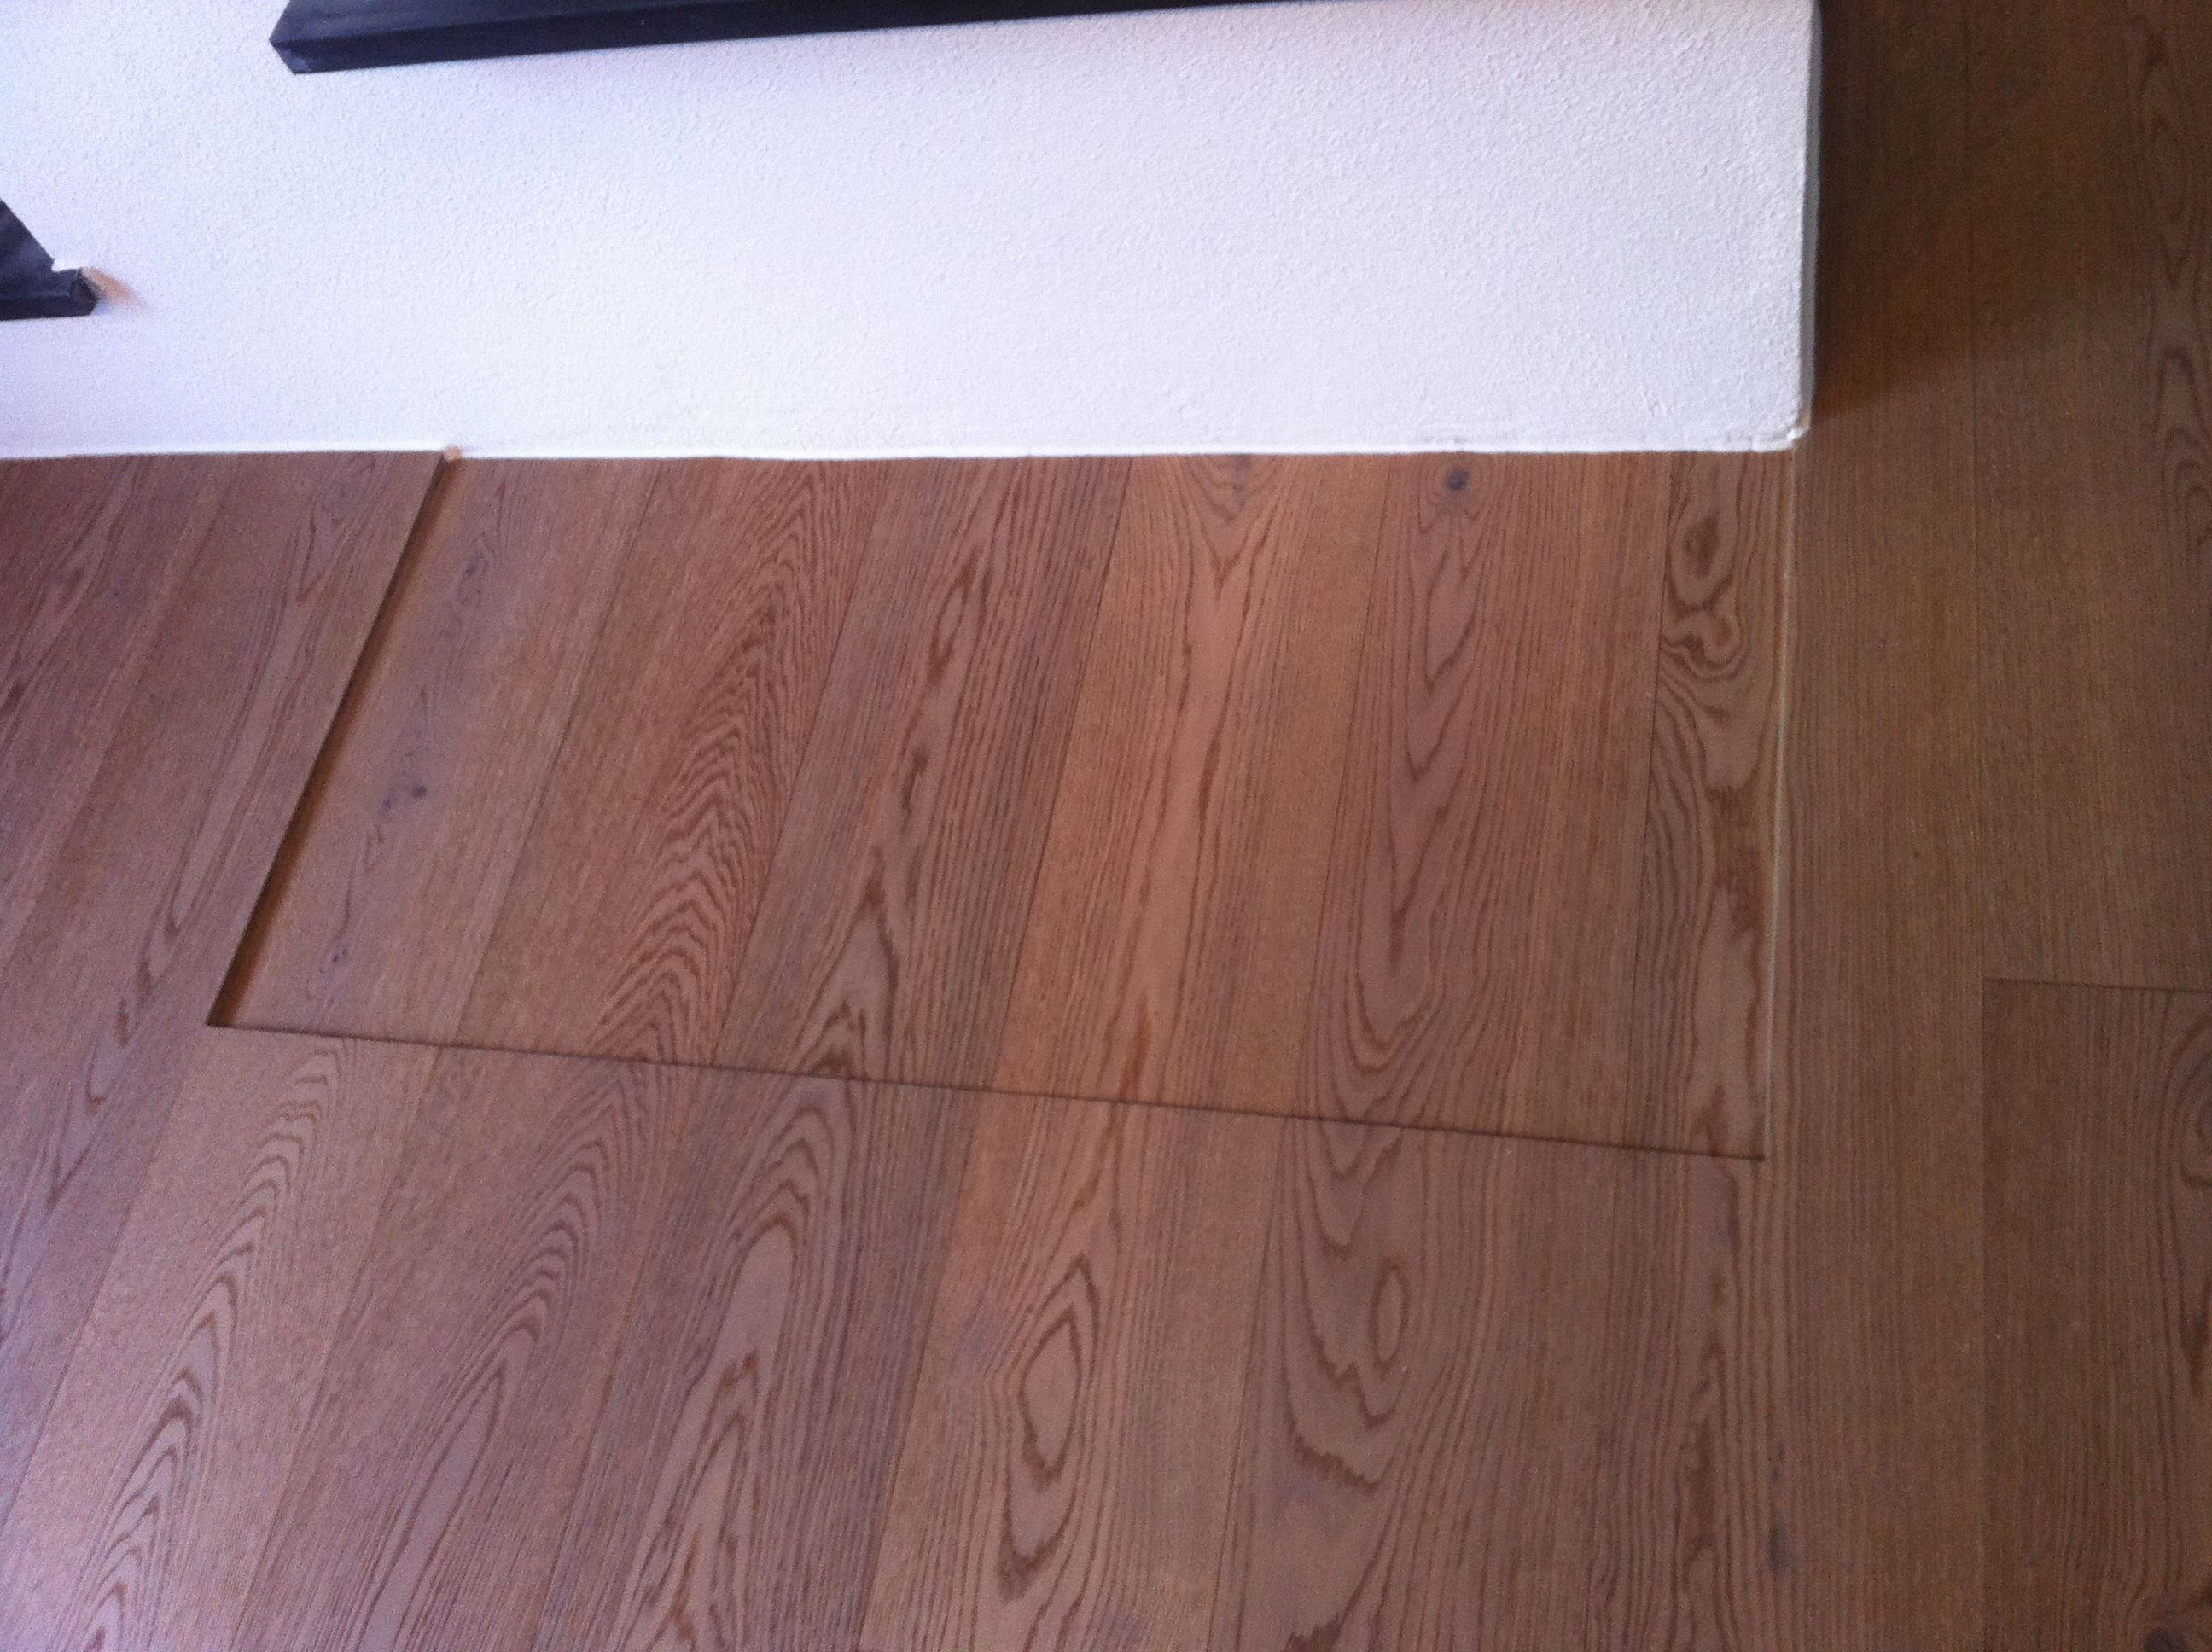 parkettboden vor ofen eine etage tiefer f r glasplatte die dann b ndig ist fa saida ihr. Black Bedroom Furniture Sets. Home Design Ideas